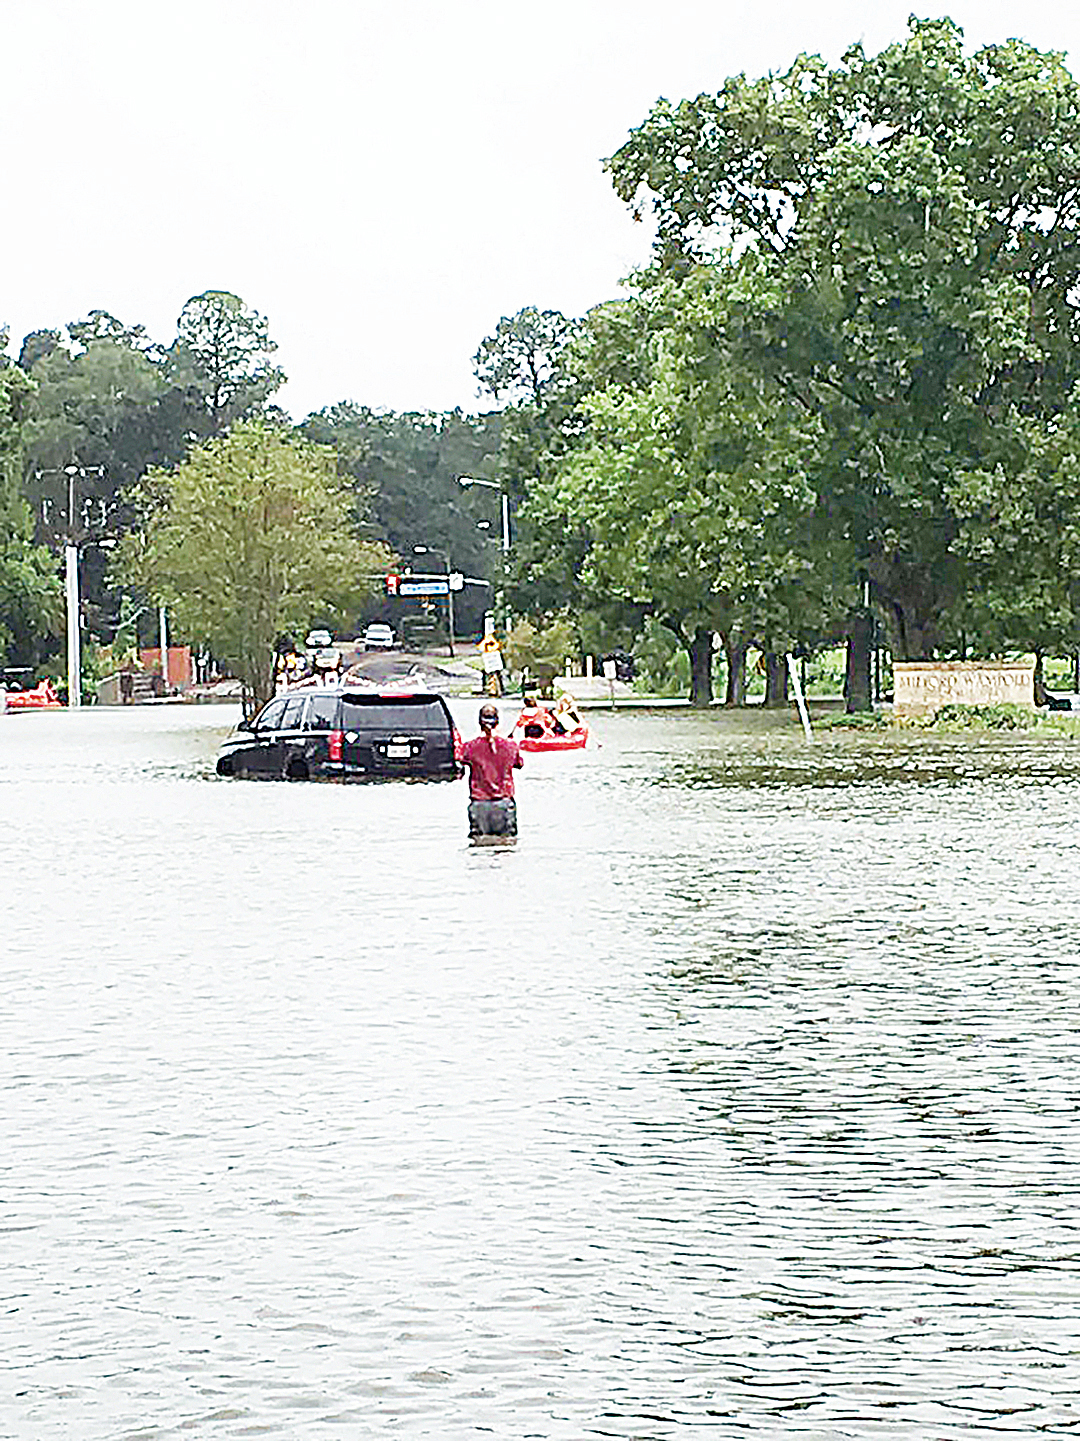 極端氣候造成的災害越來越多。圖為美國路易斯安那州因暴雨成災,洪水肆虐。(推特圖片)